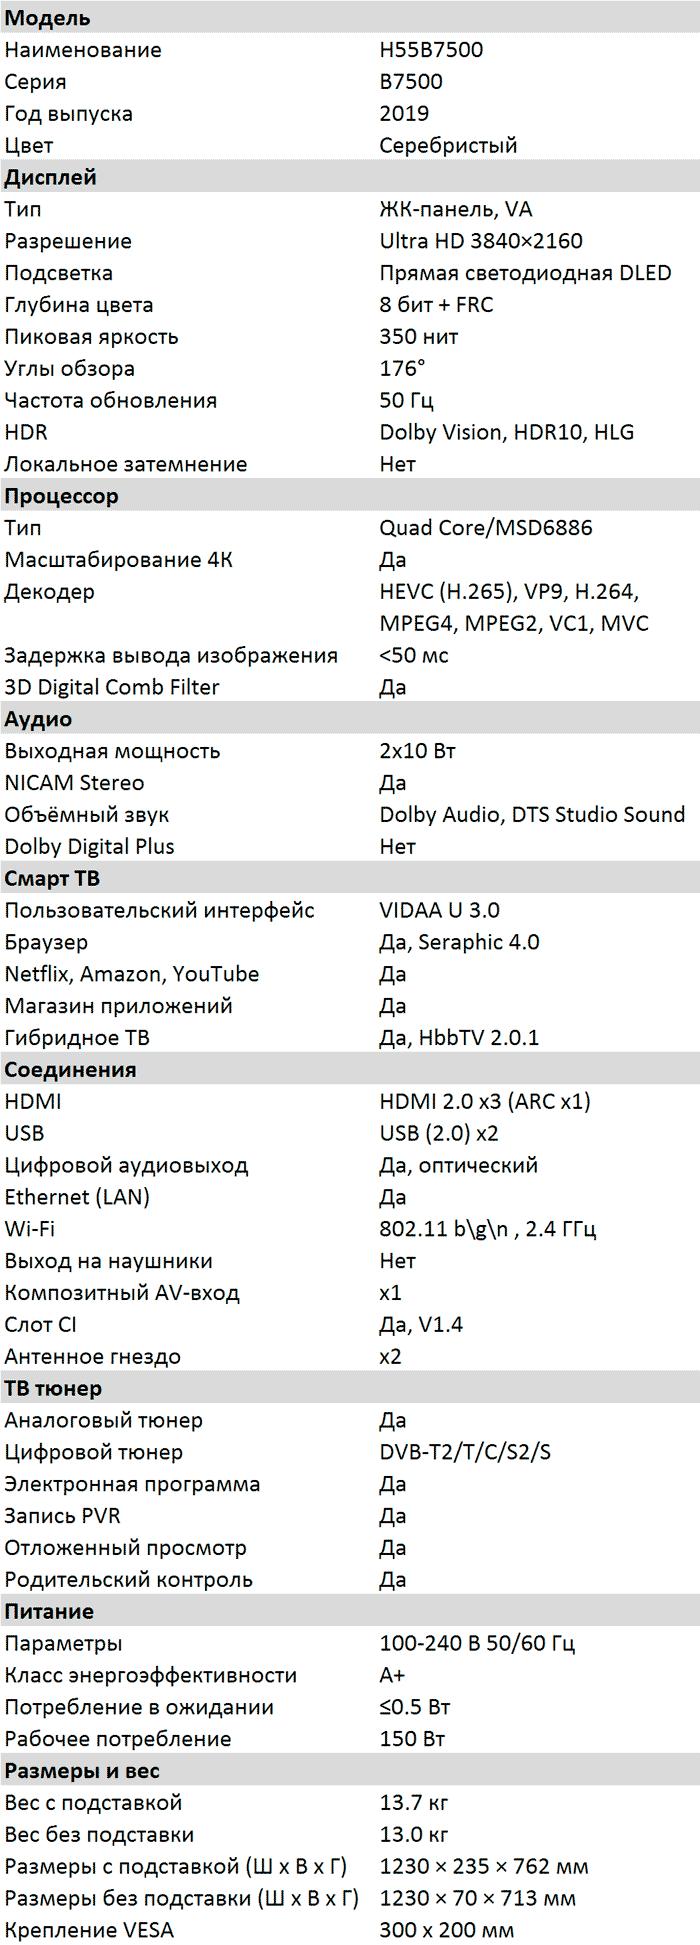 Характеристики B7500